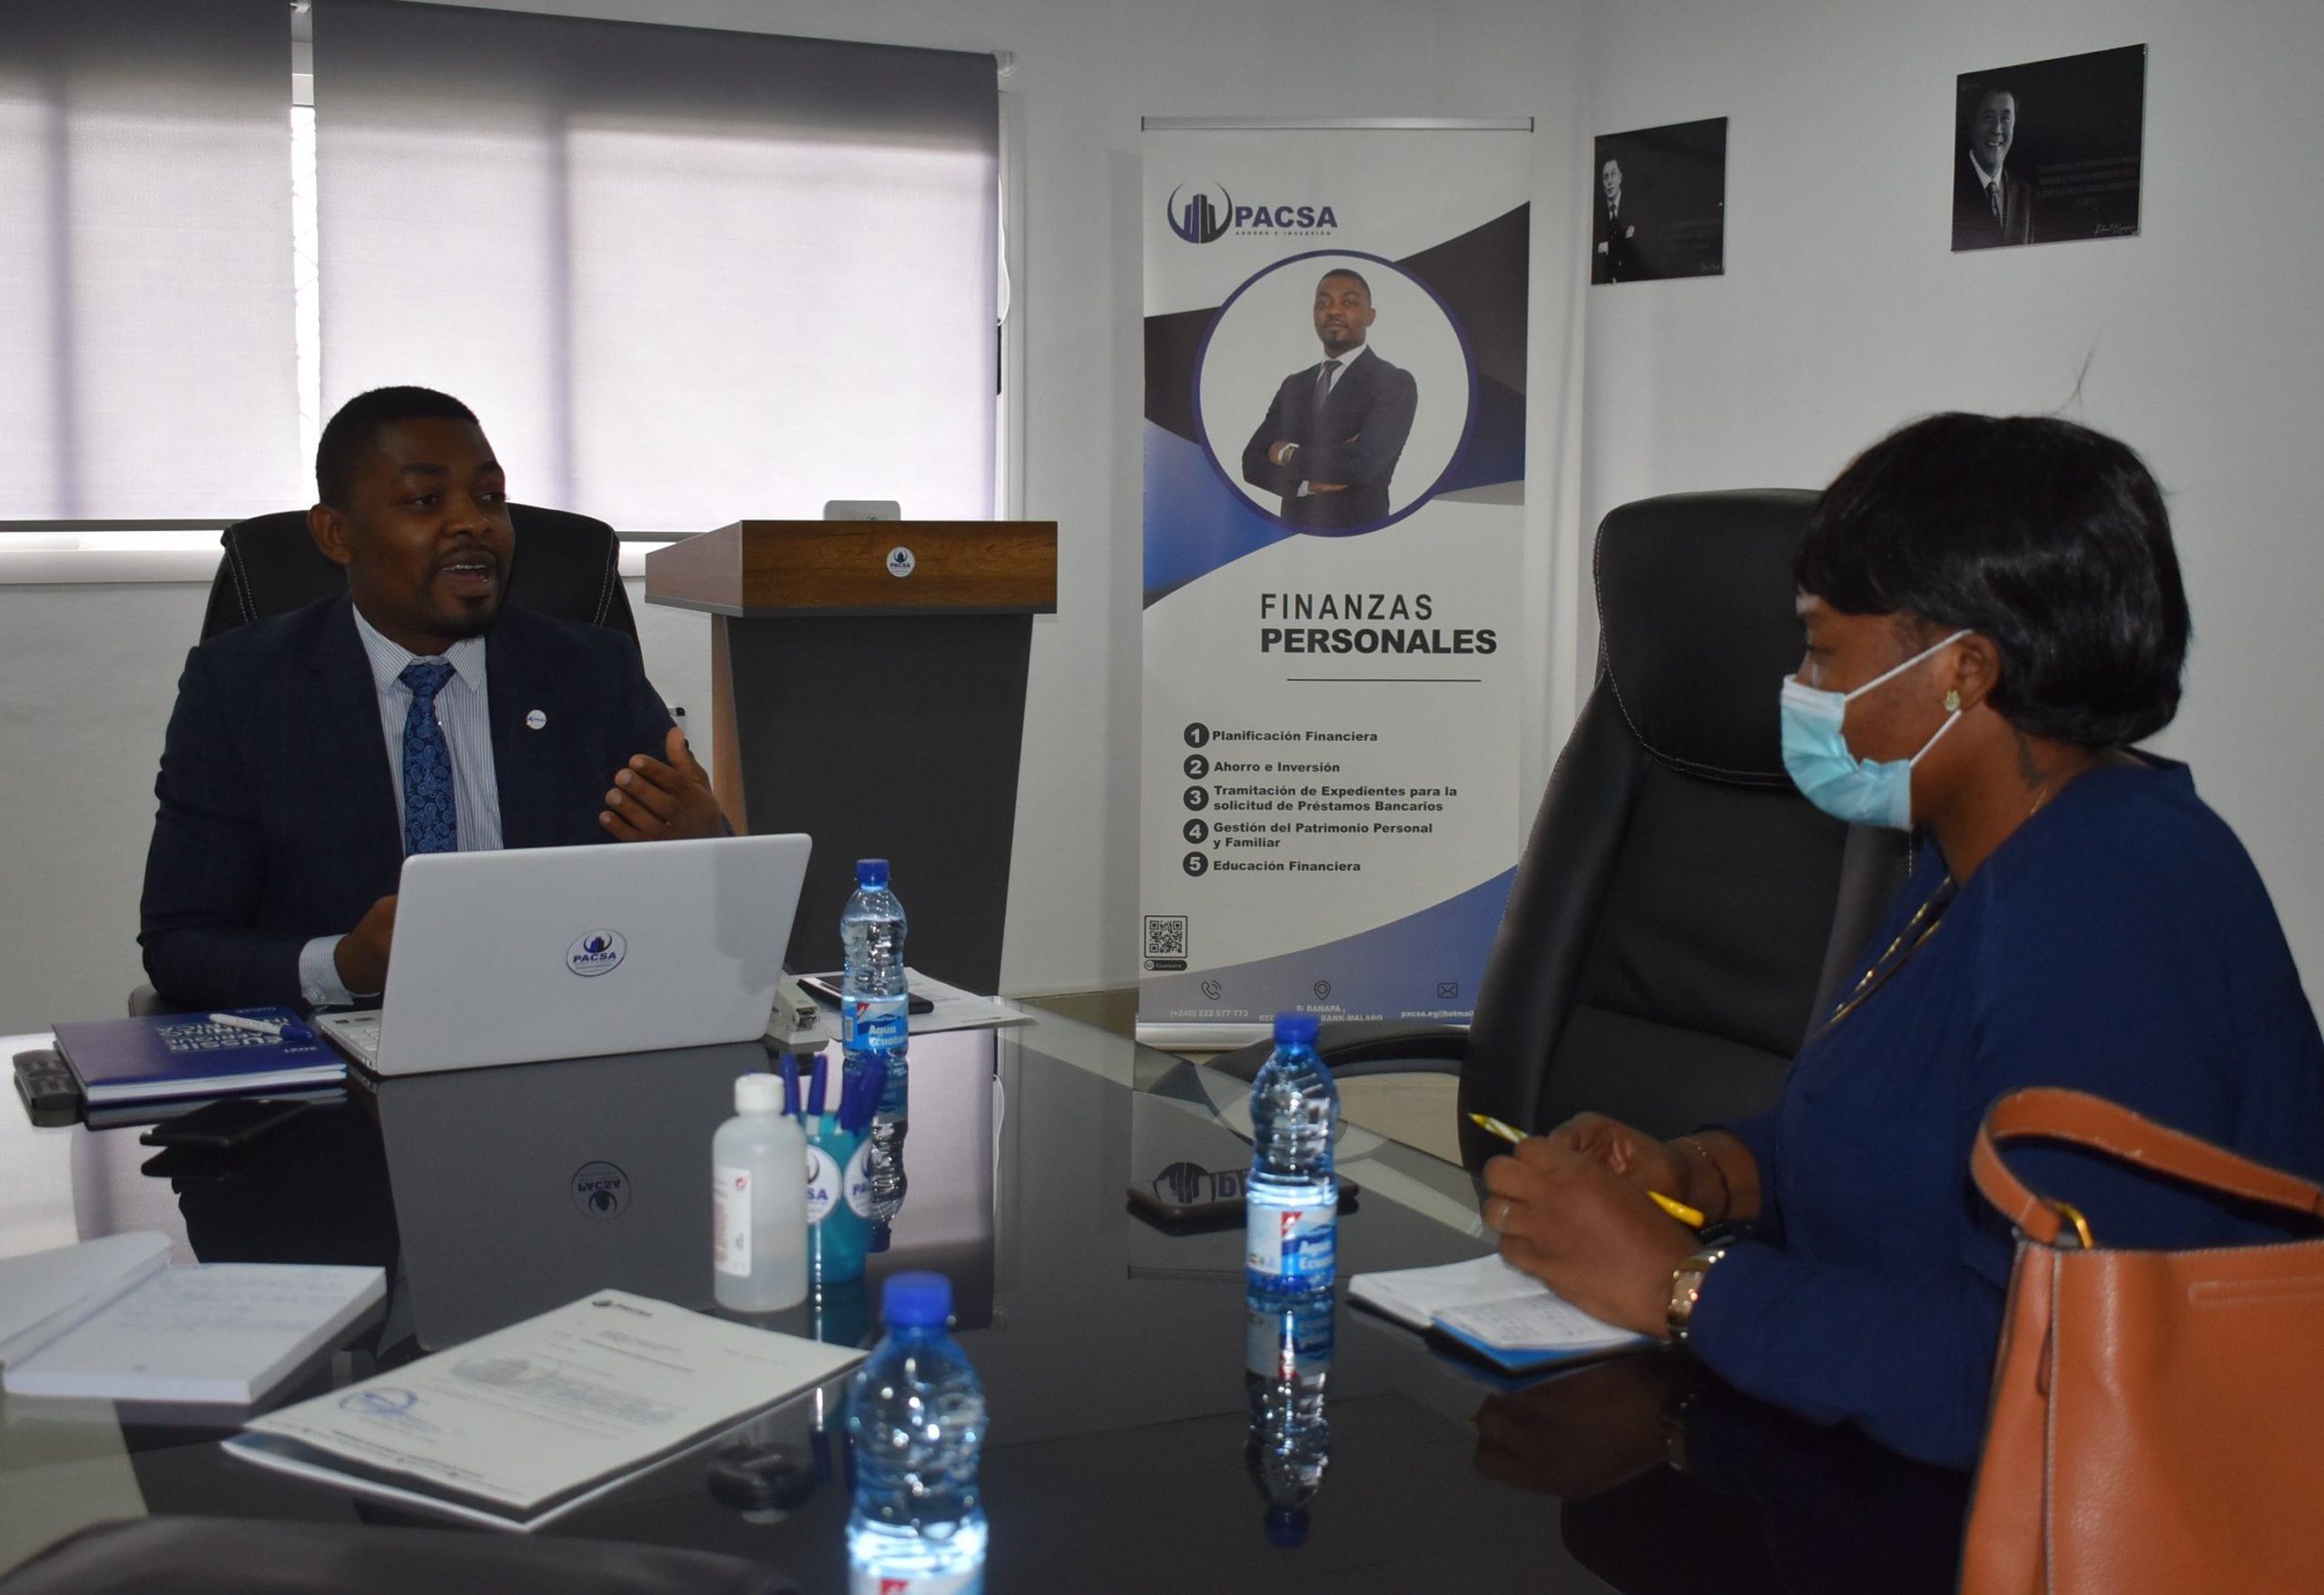 """Santiago Obiang Miko: """"PACSA es una alternativa real para las empresas que ofrecen servicios de asesoramiento financiero"""""""